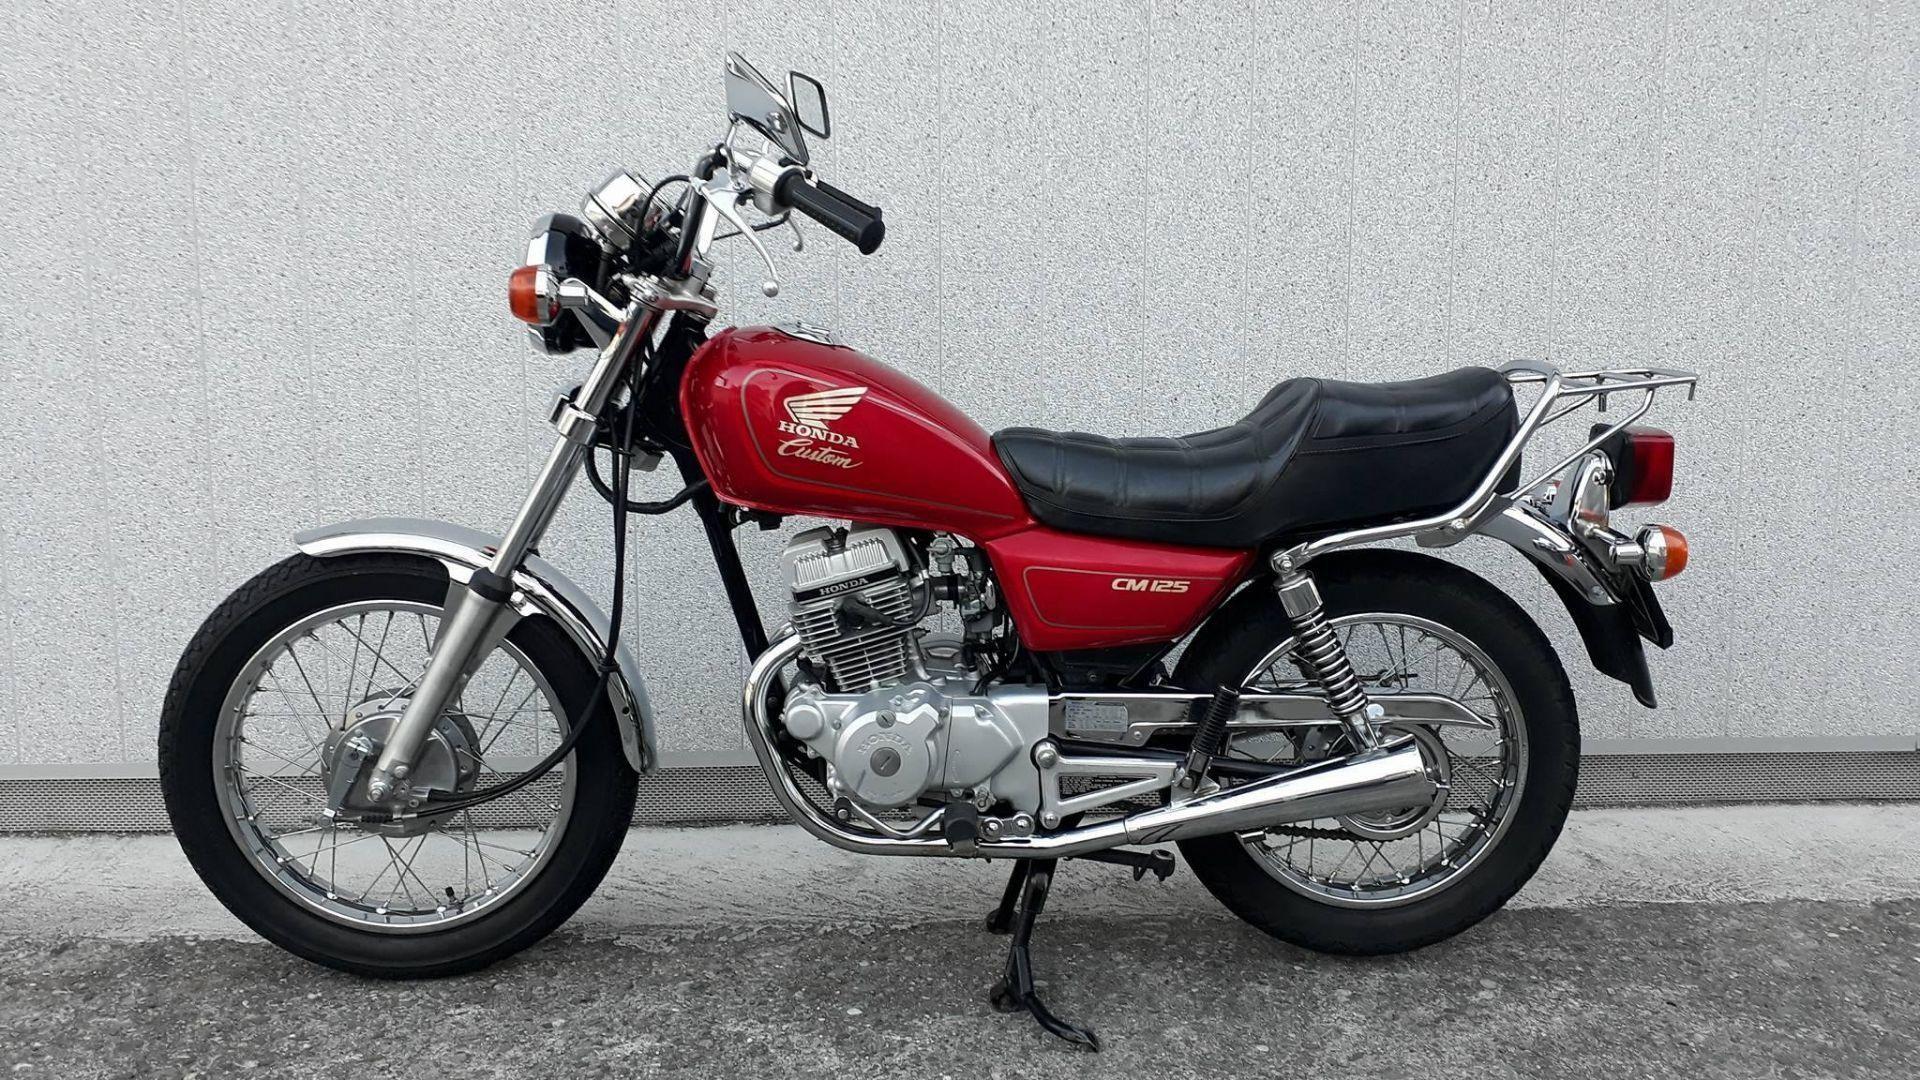 Motorrad Occasion kaufen HONDA CM 125 C Moto Tomi Täuffelen